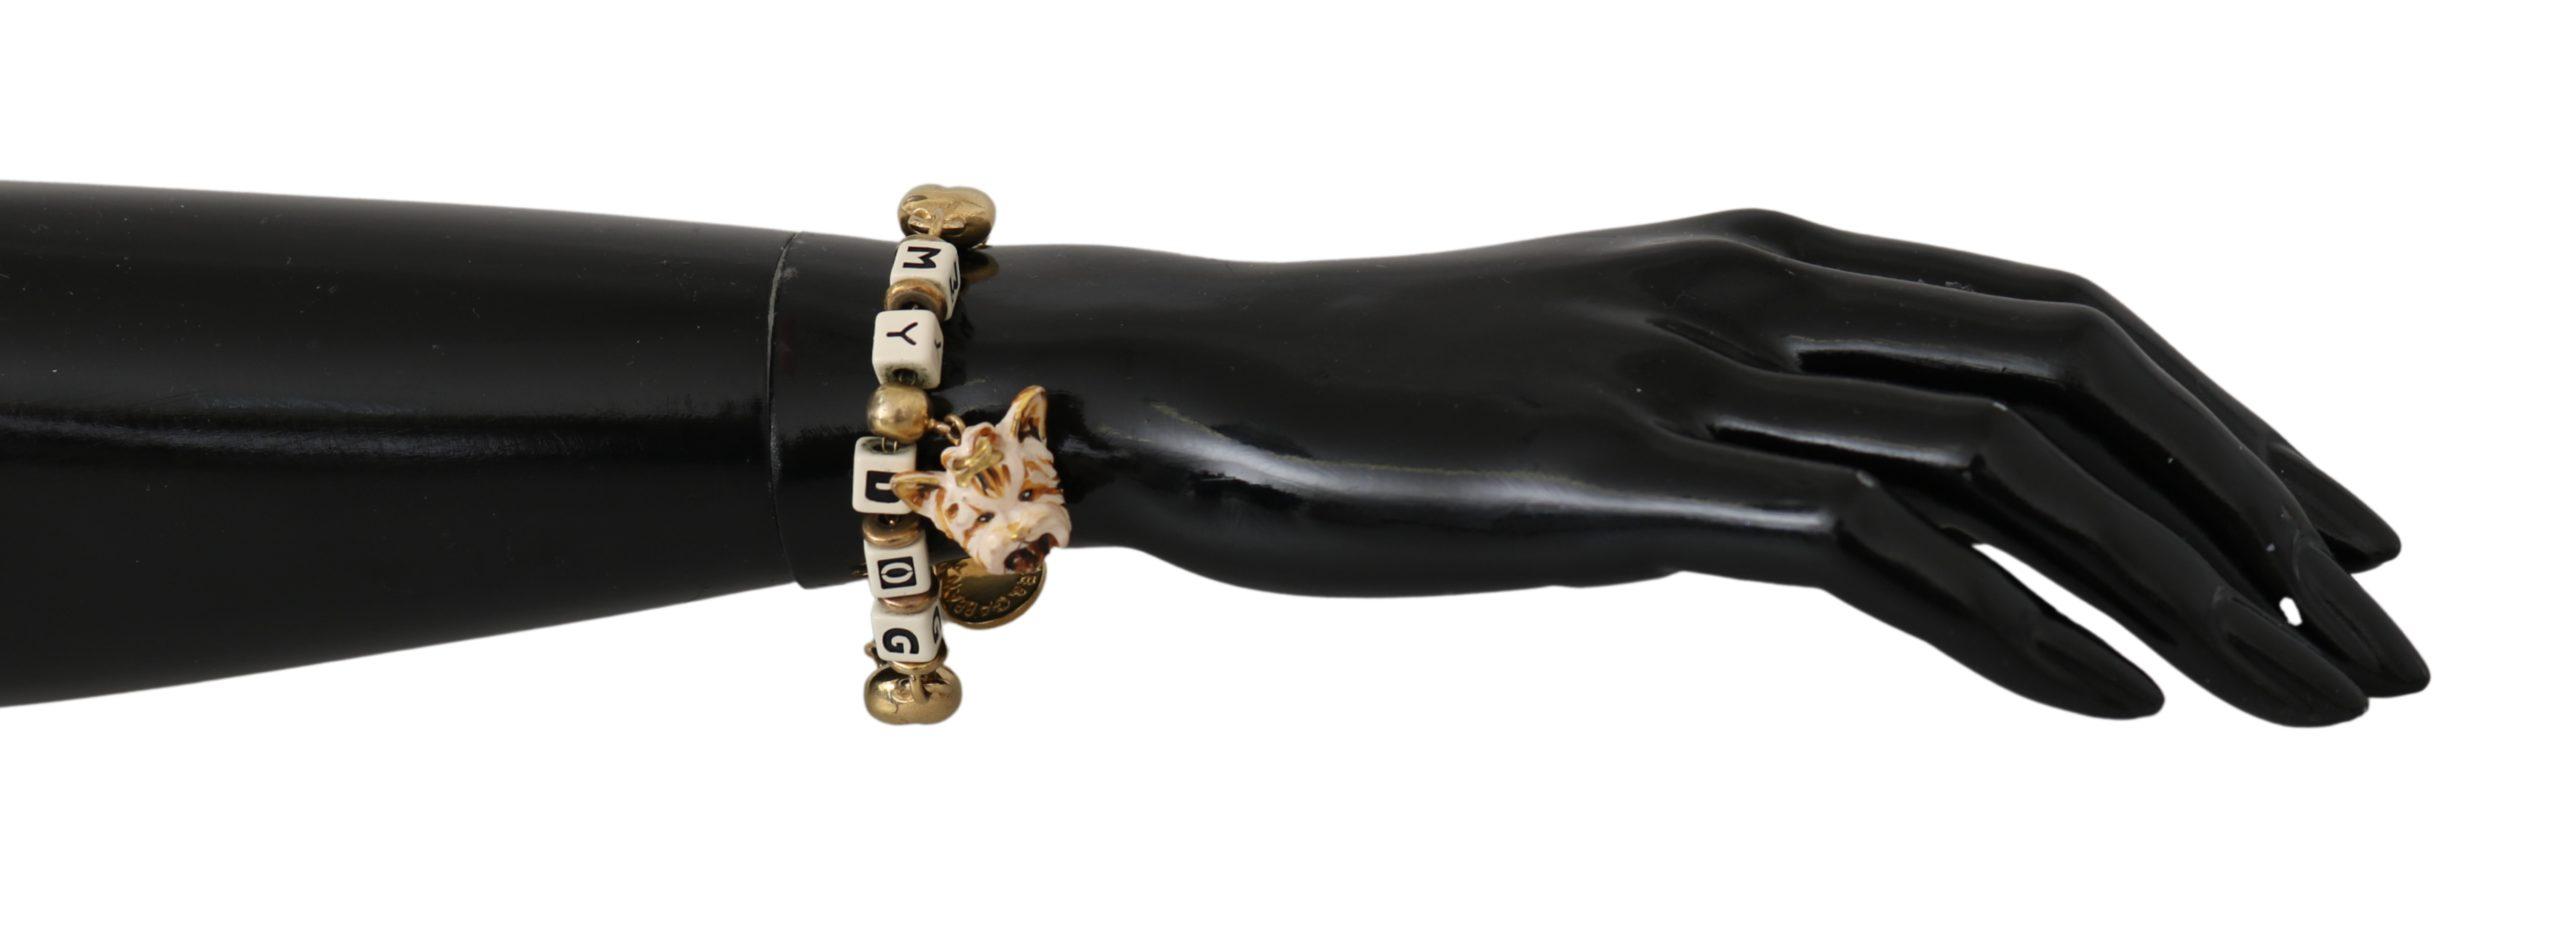 Dolce & Gabbana Women's DOG Charms Statement Bracelet Gold SMY10025